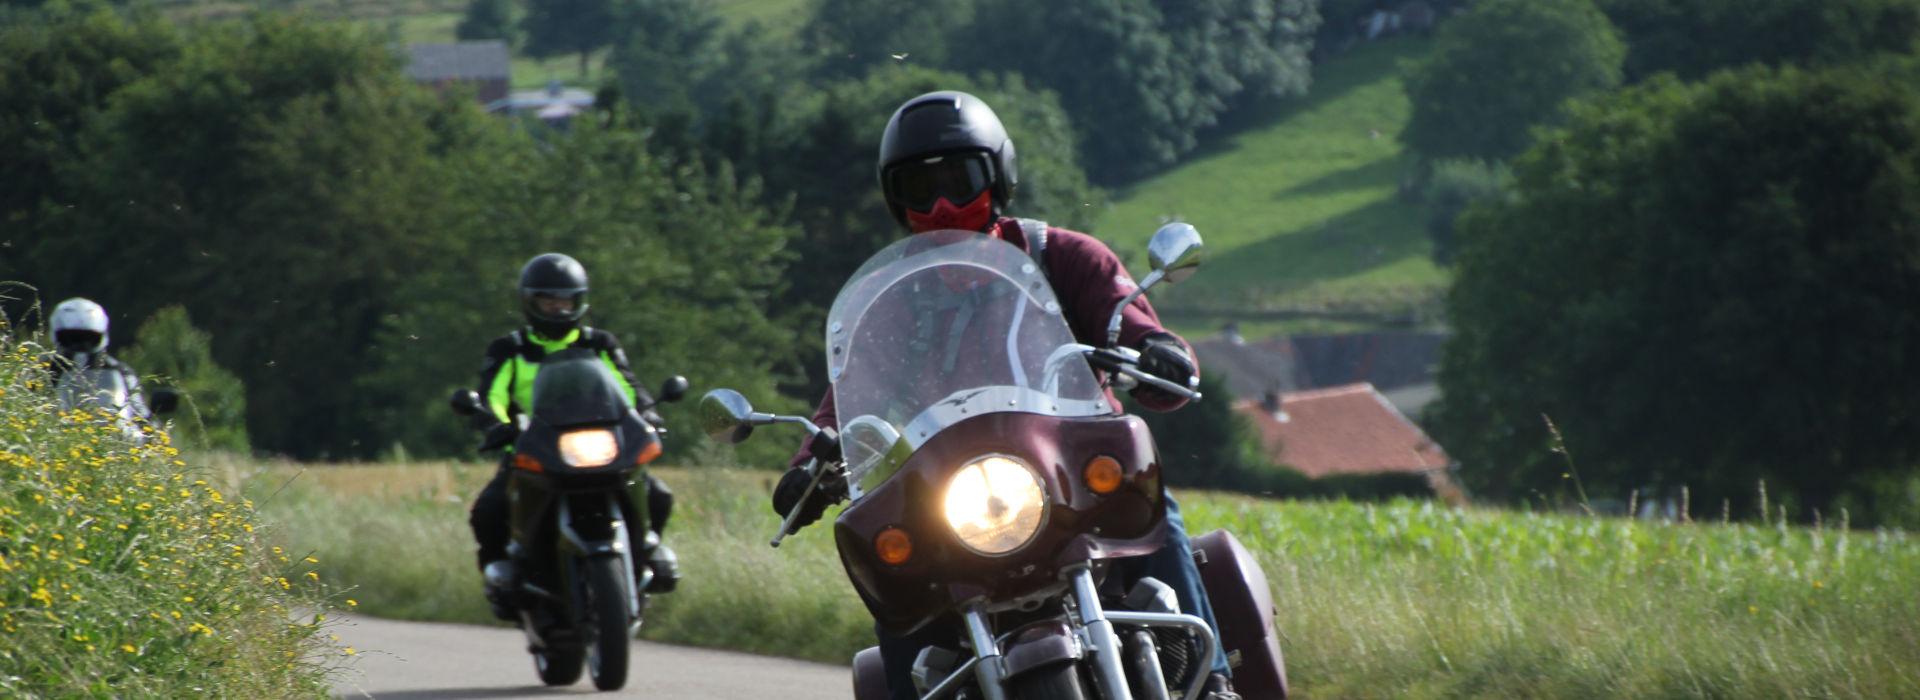 Motorrijbewijspoint Spijkenisse snel motorrijbewijs halen